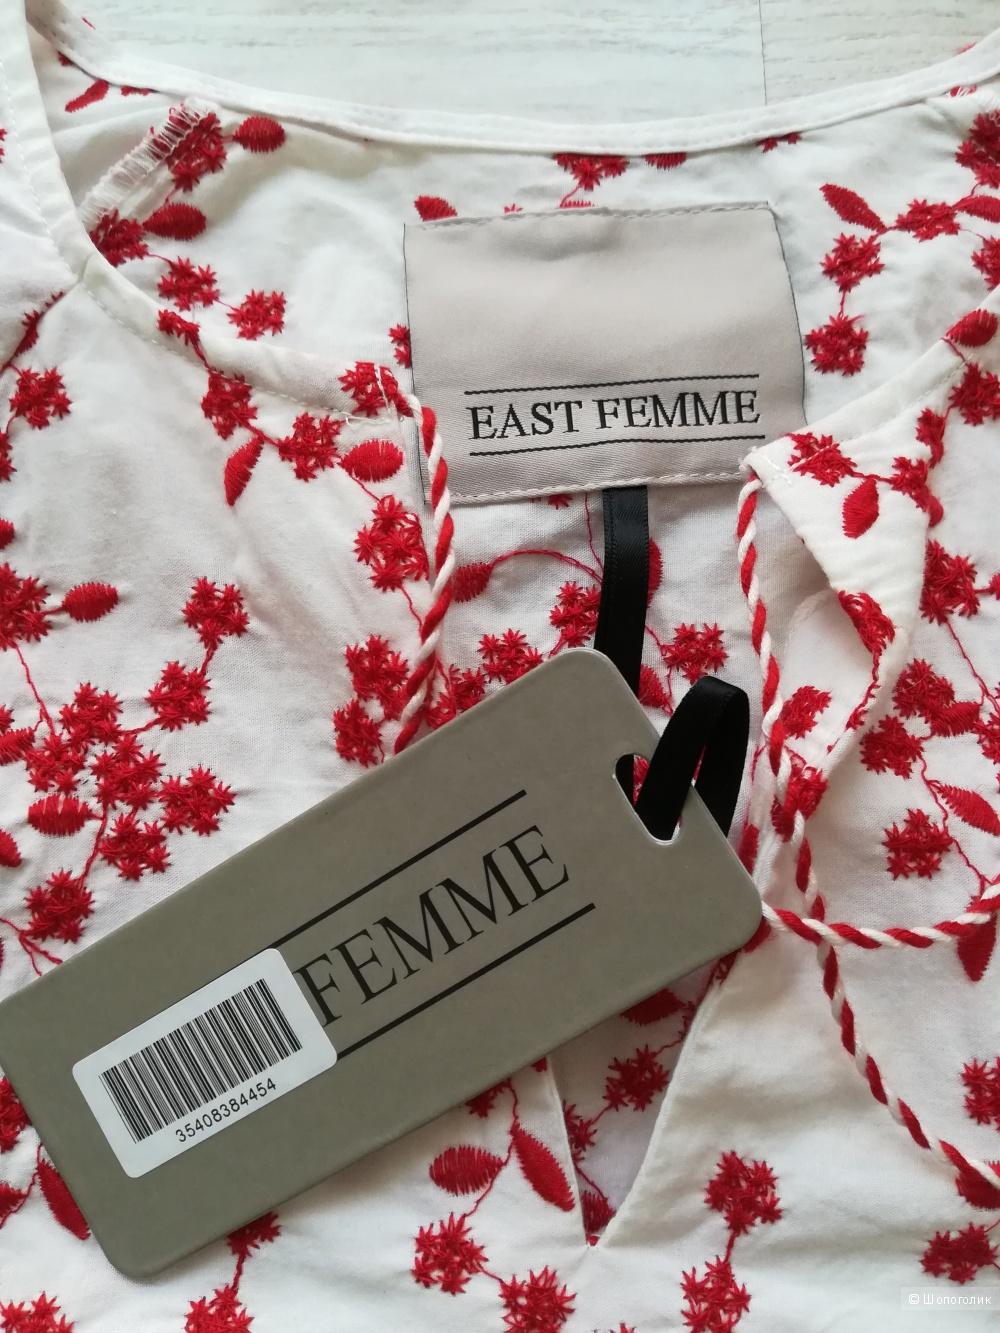 Блузка East femme,размер 42-46